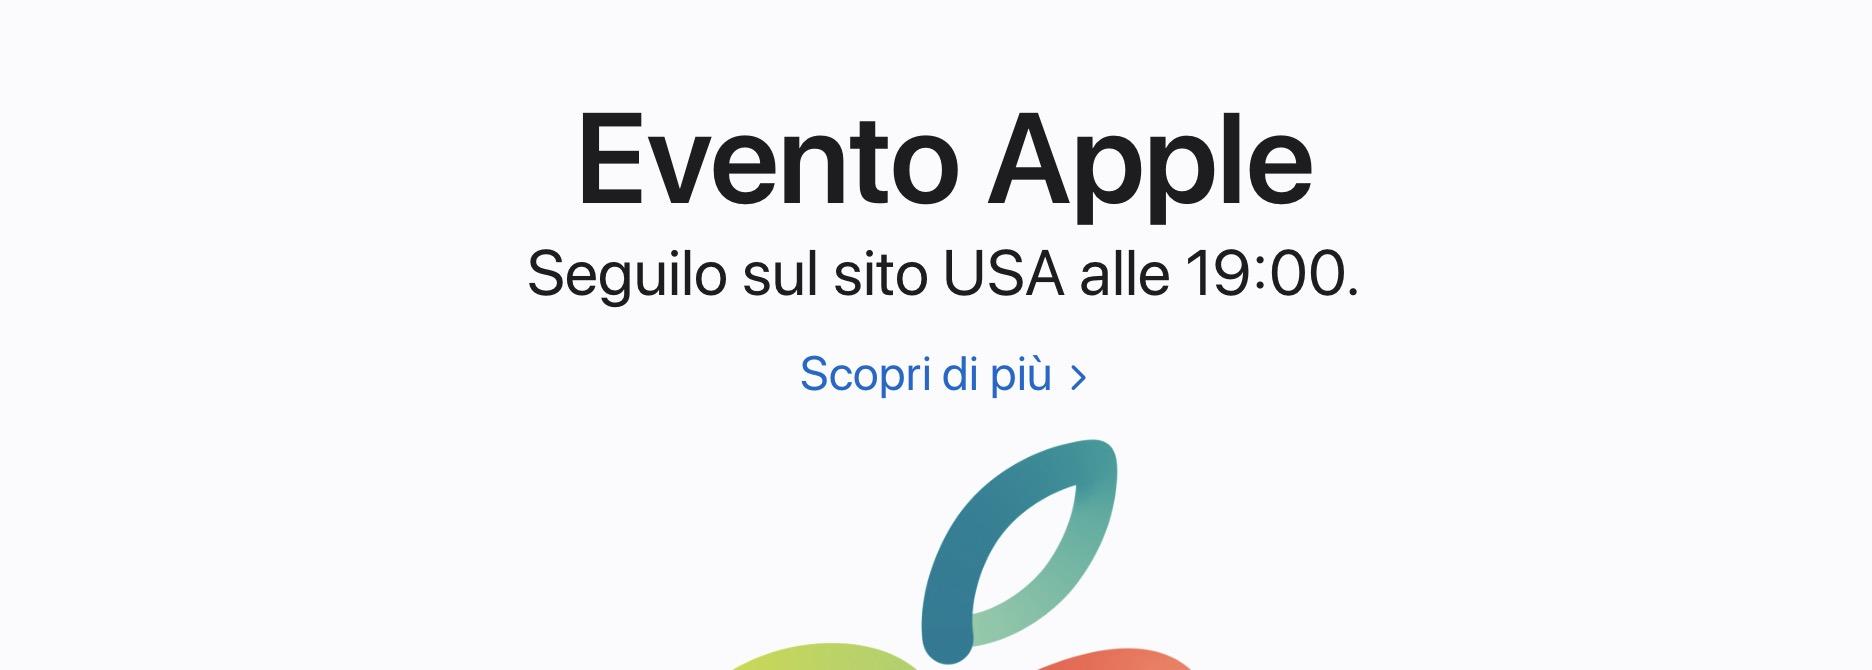 Seguire Evento Apple in Italiano